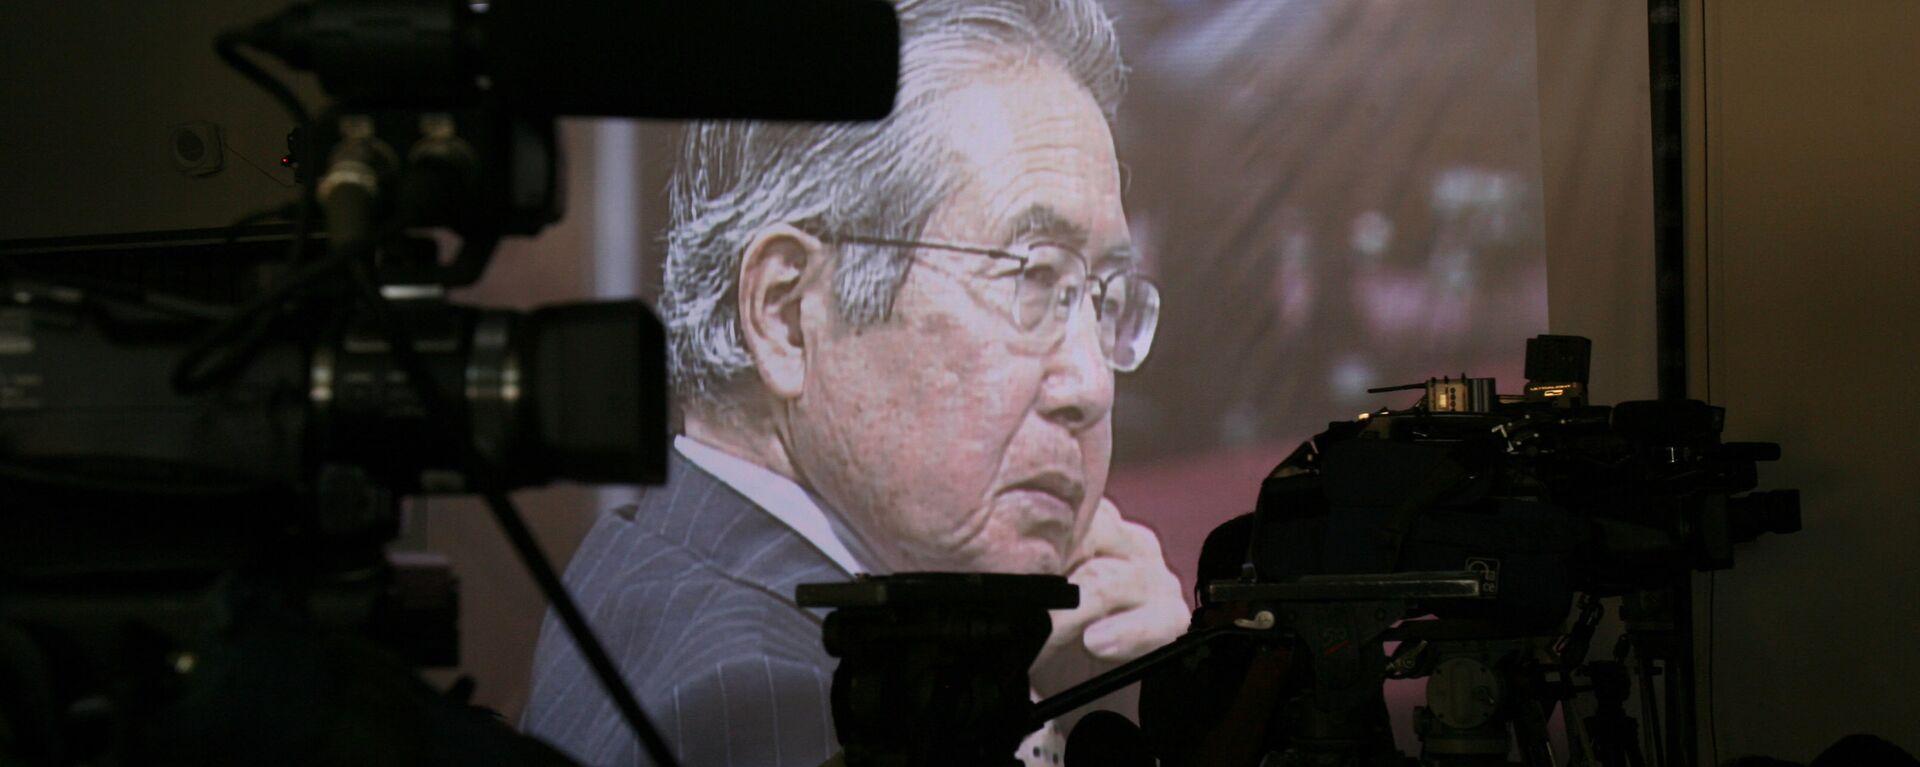 Alberto Fujimori, expresidente de Perú - Sputnik Mundo, 1920, 05.03.2021